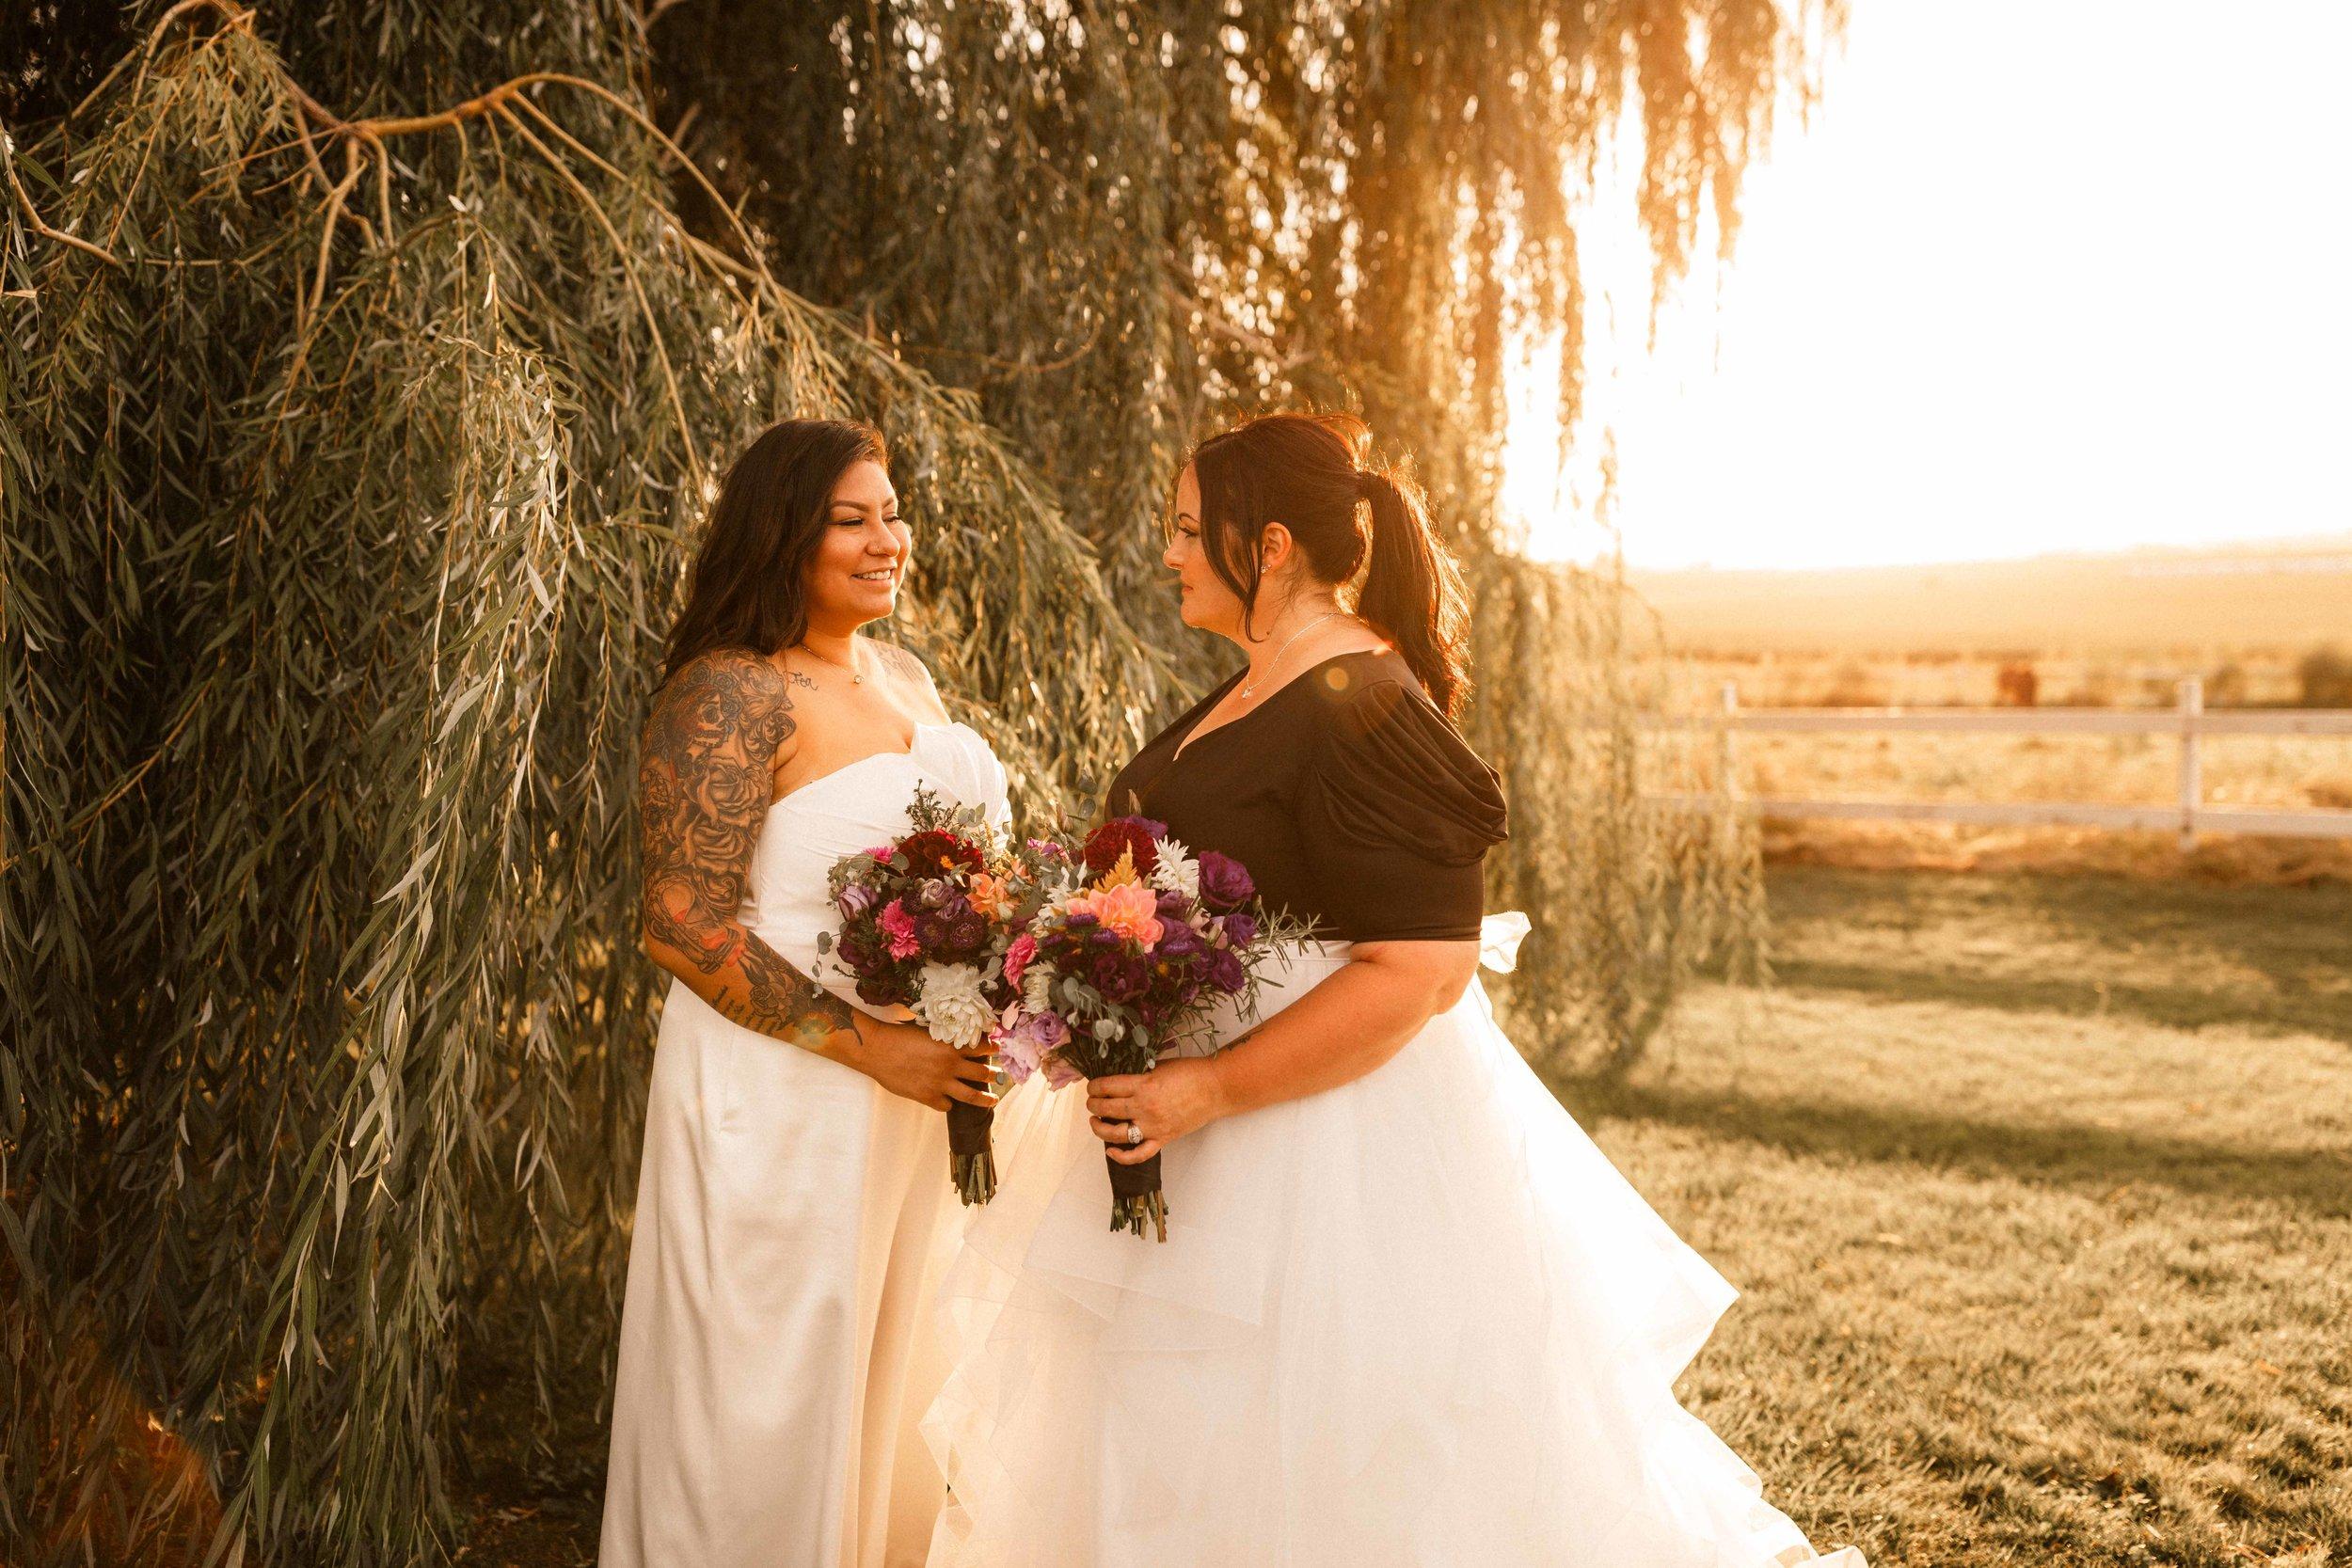 pasco-wedding-photos-40.jpg